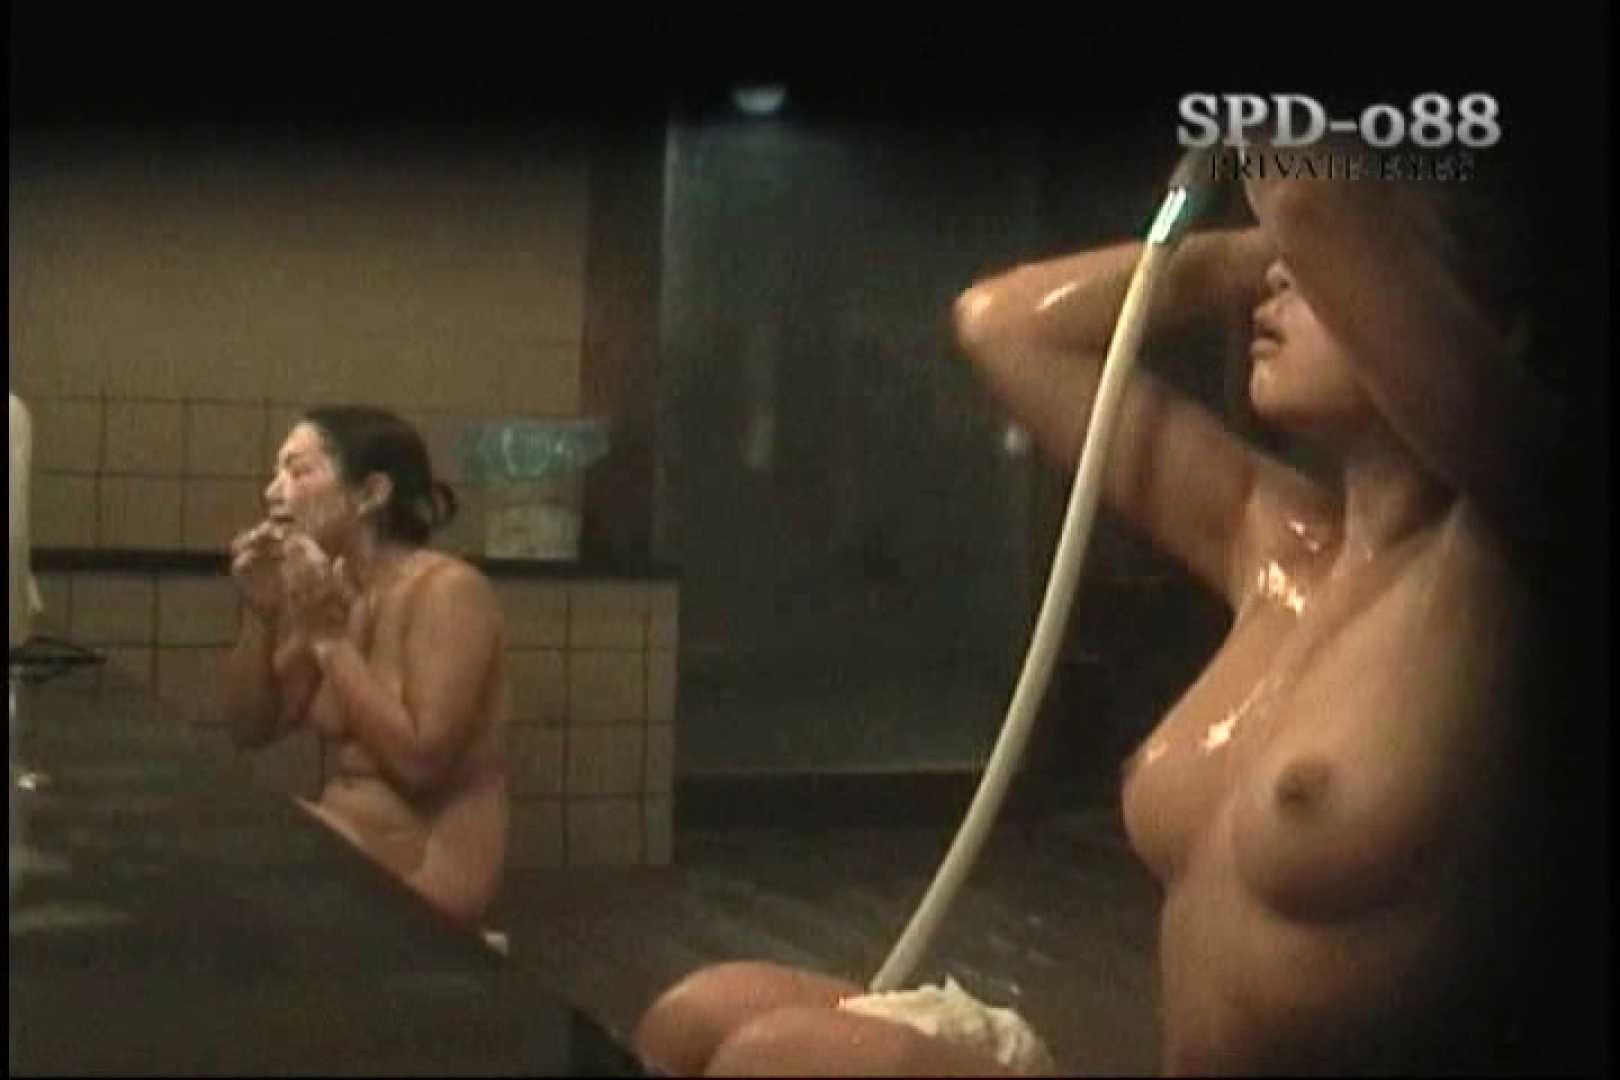 無料アダルト動画:高画質版!SPD-088 新・湯乙女の花びら 5:のぞき本舗 中村屋